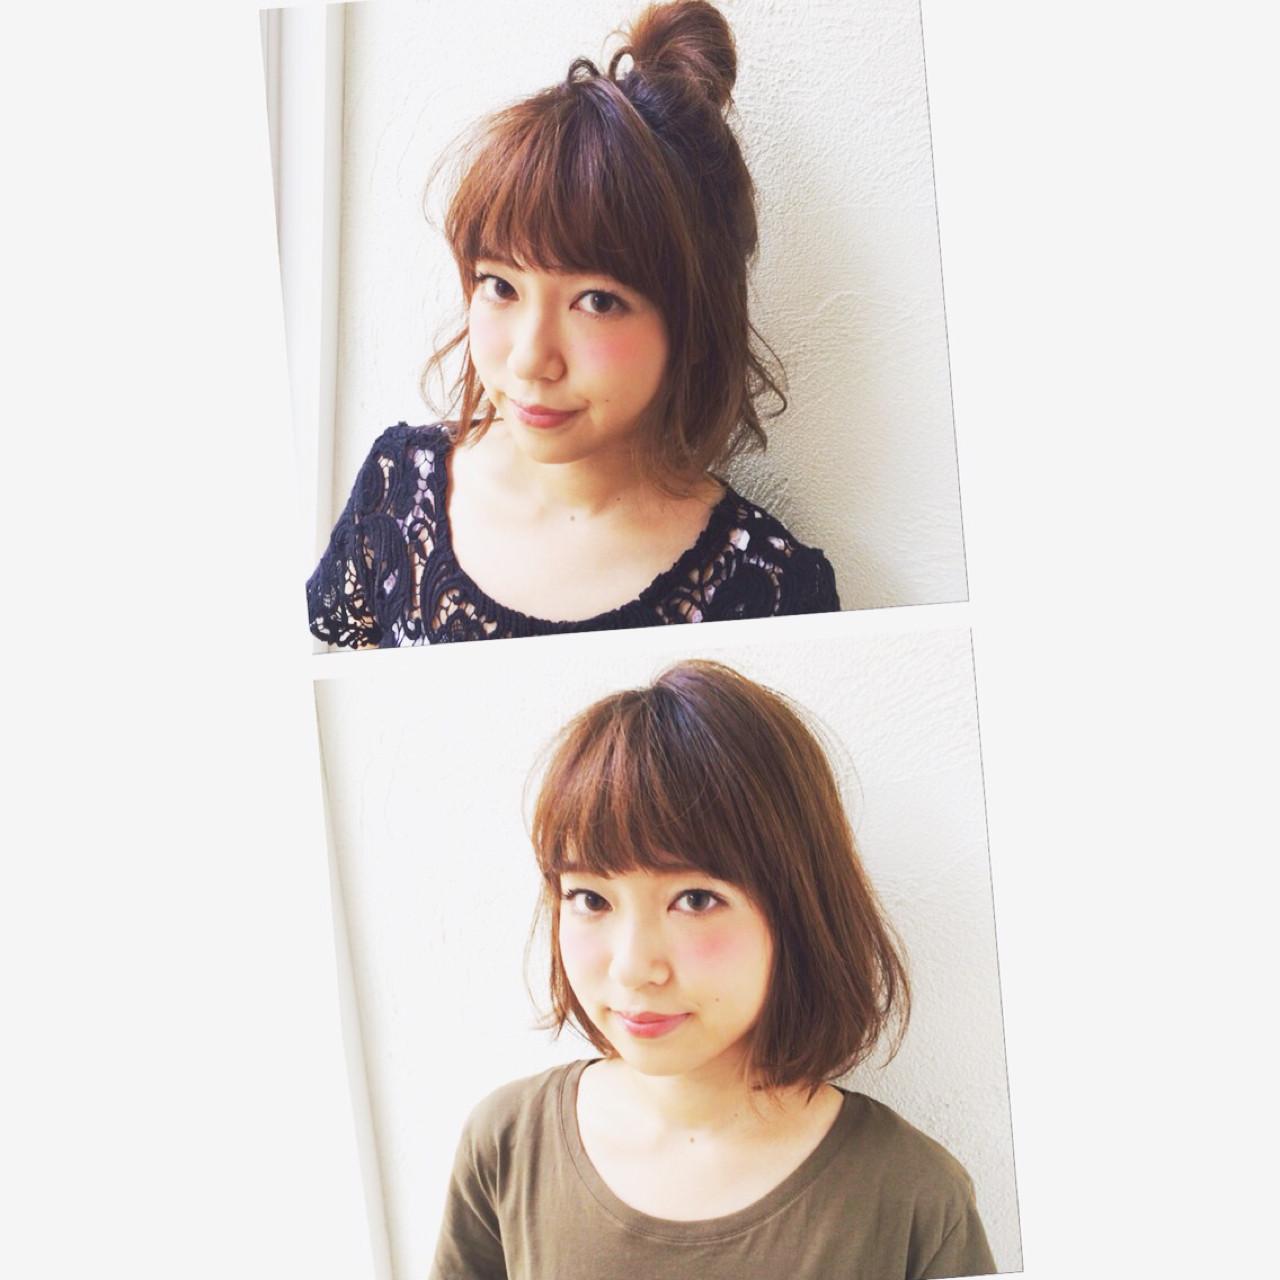 ふわふわ ヘアアレンジ ストリート ショート ヘアスタイルや髪型の写真・画像 | 切りっぱなしボブを流行らせた人 Un ami増永 / Un ami omotesando